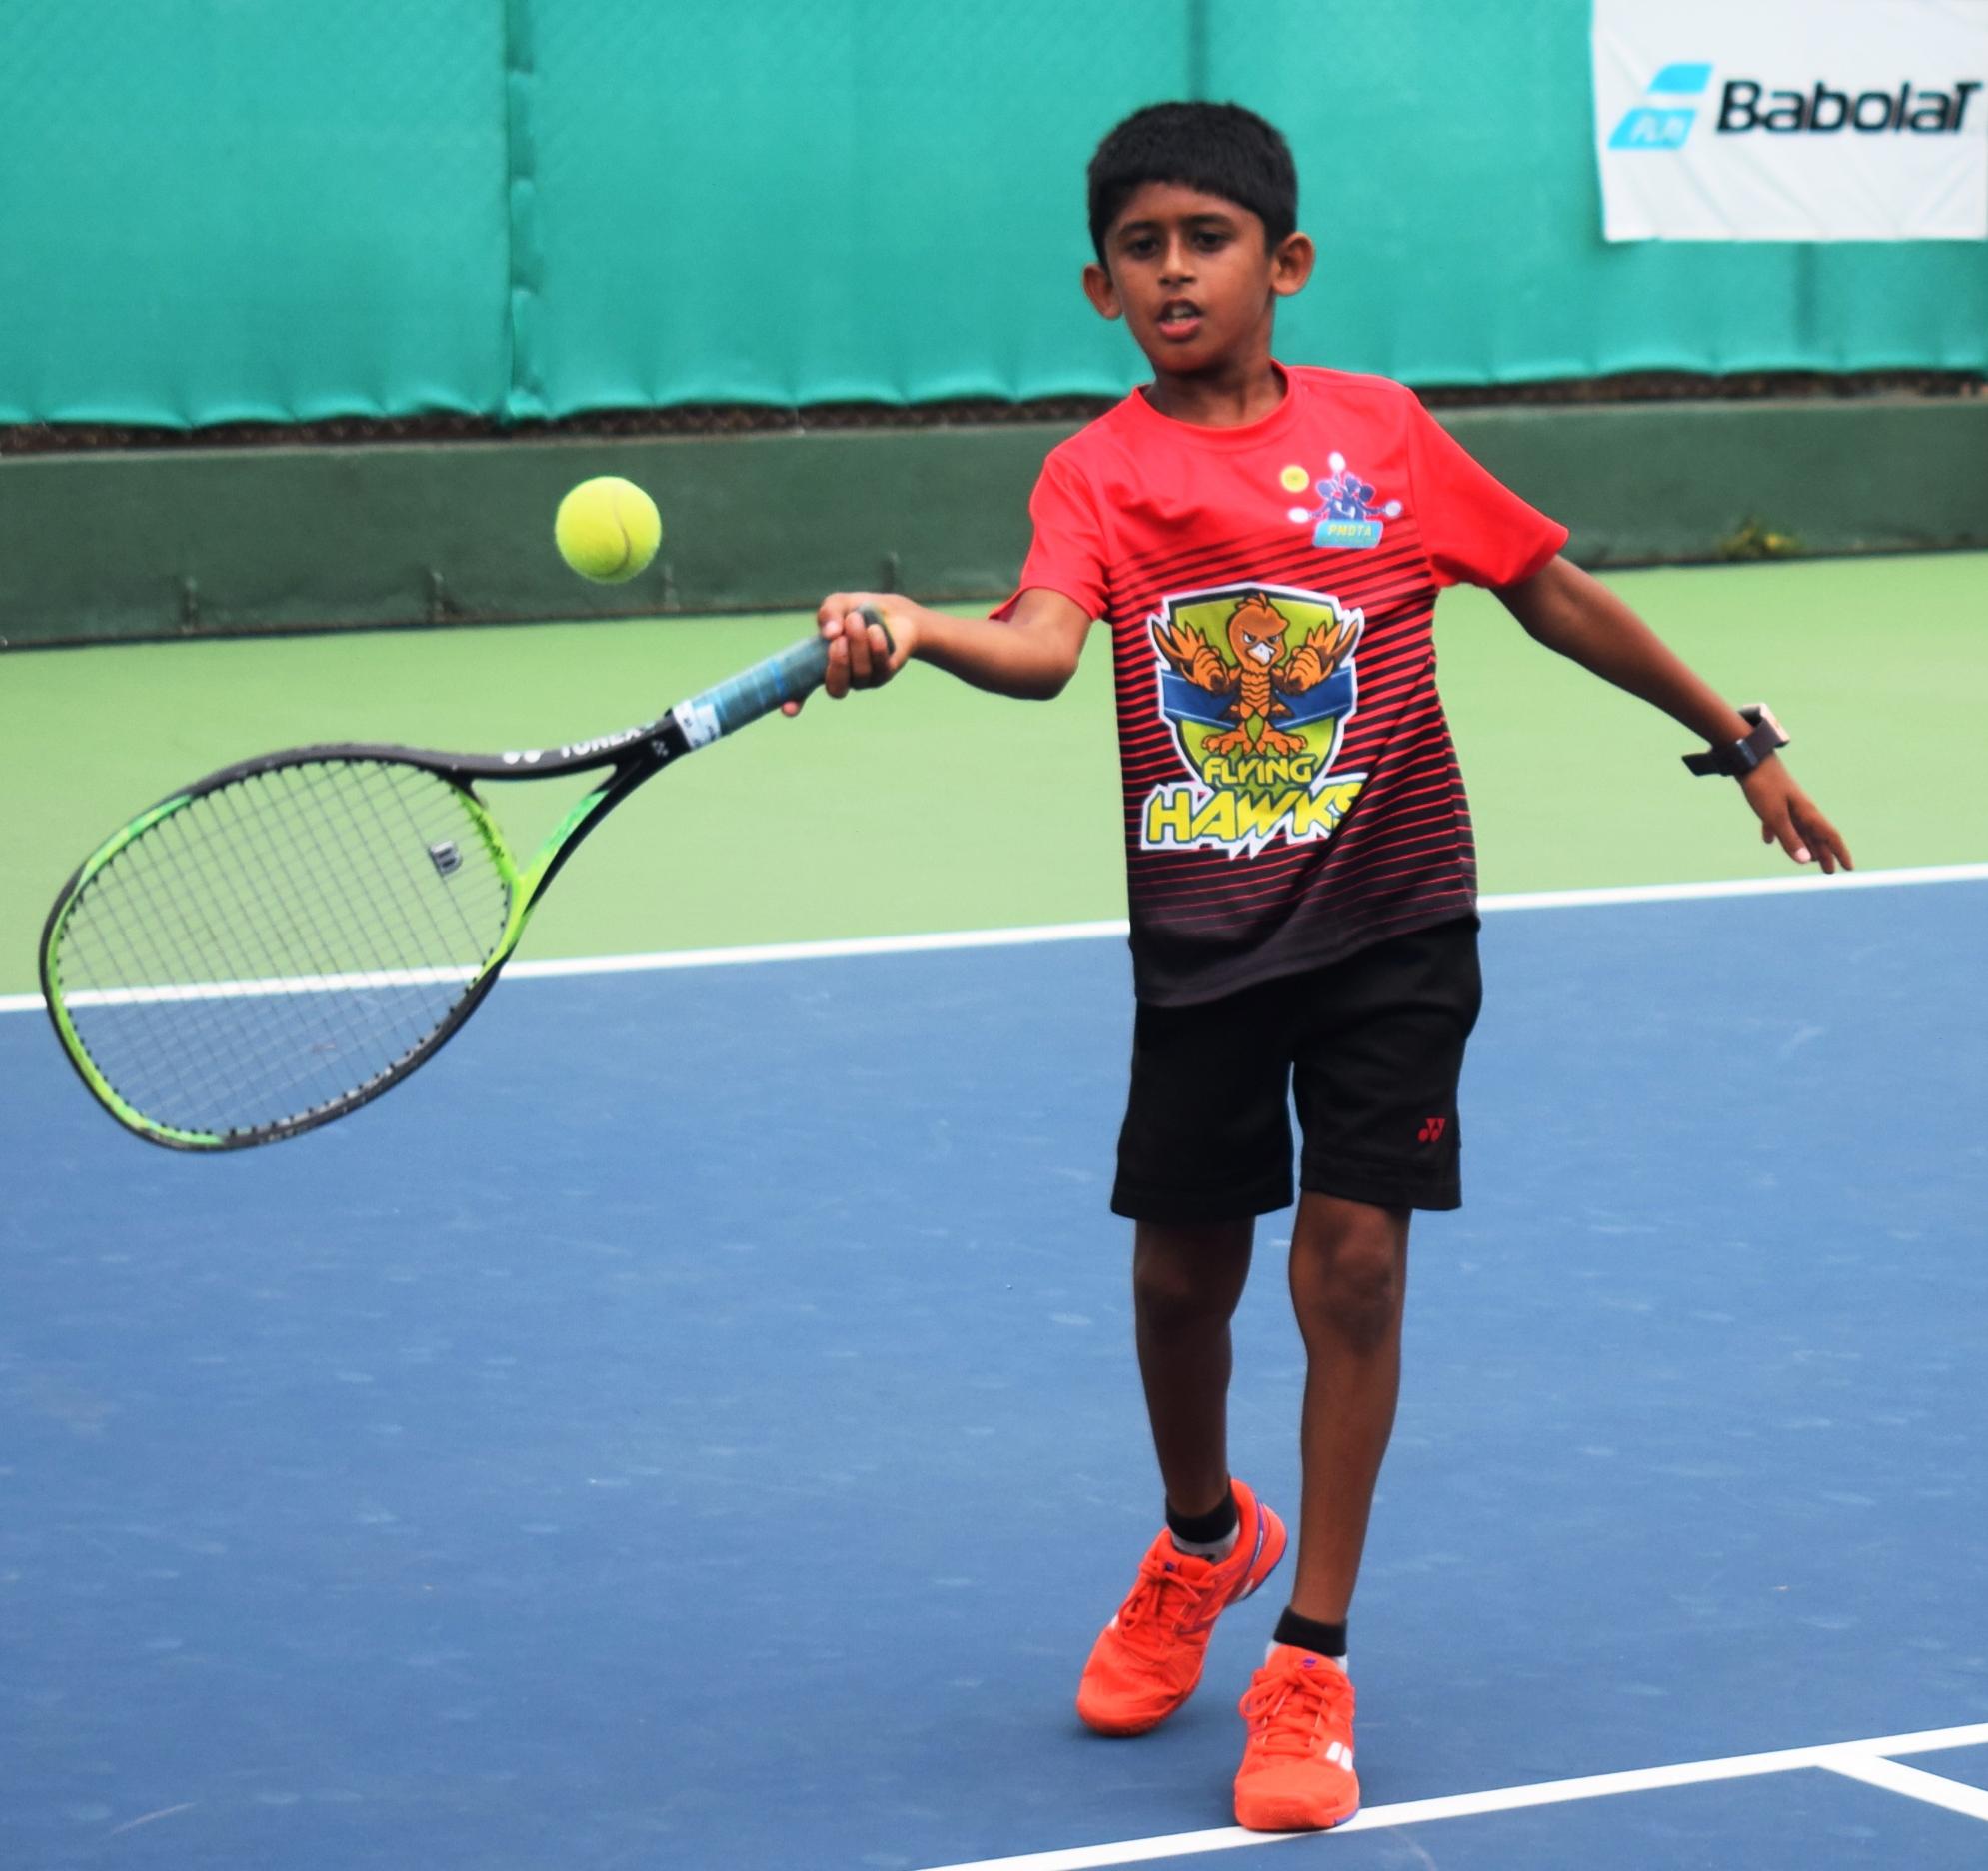 पीएमडीटीए ज्युनियर टेनिस लीग स्पर्धेत फ्लाईंग हॉक्स संघाचा दुसरा विजय